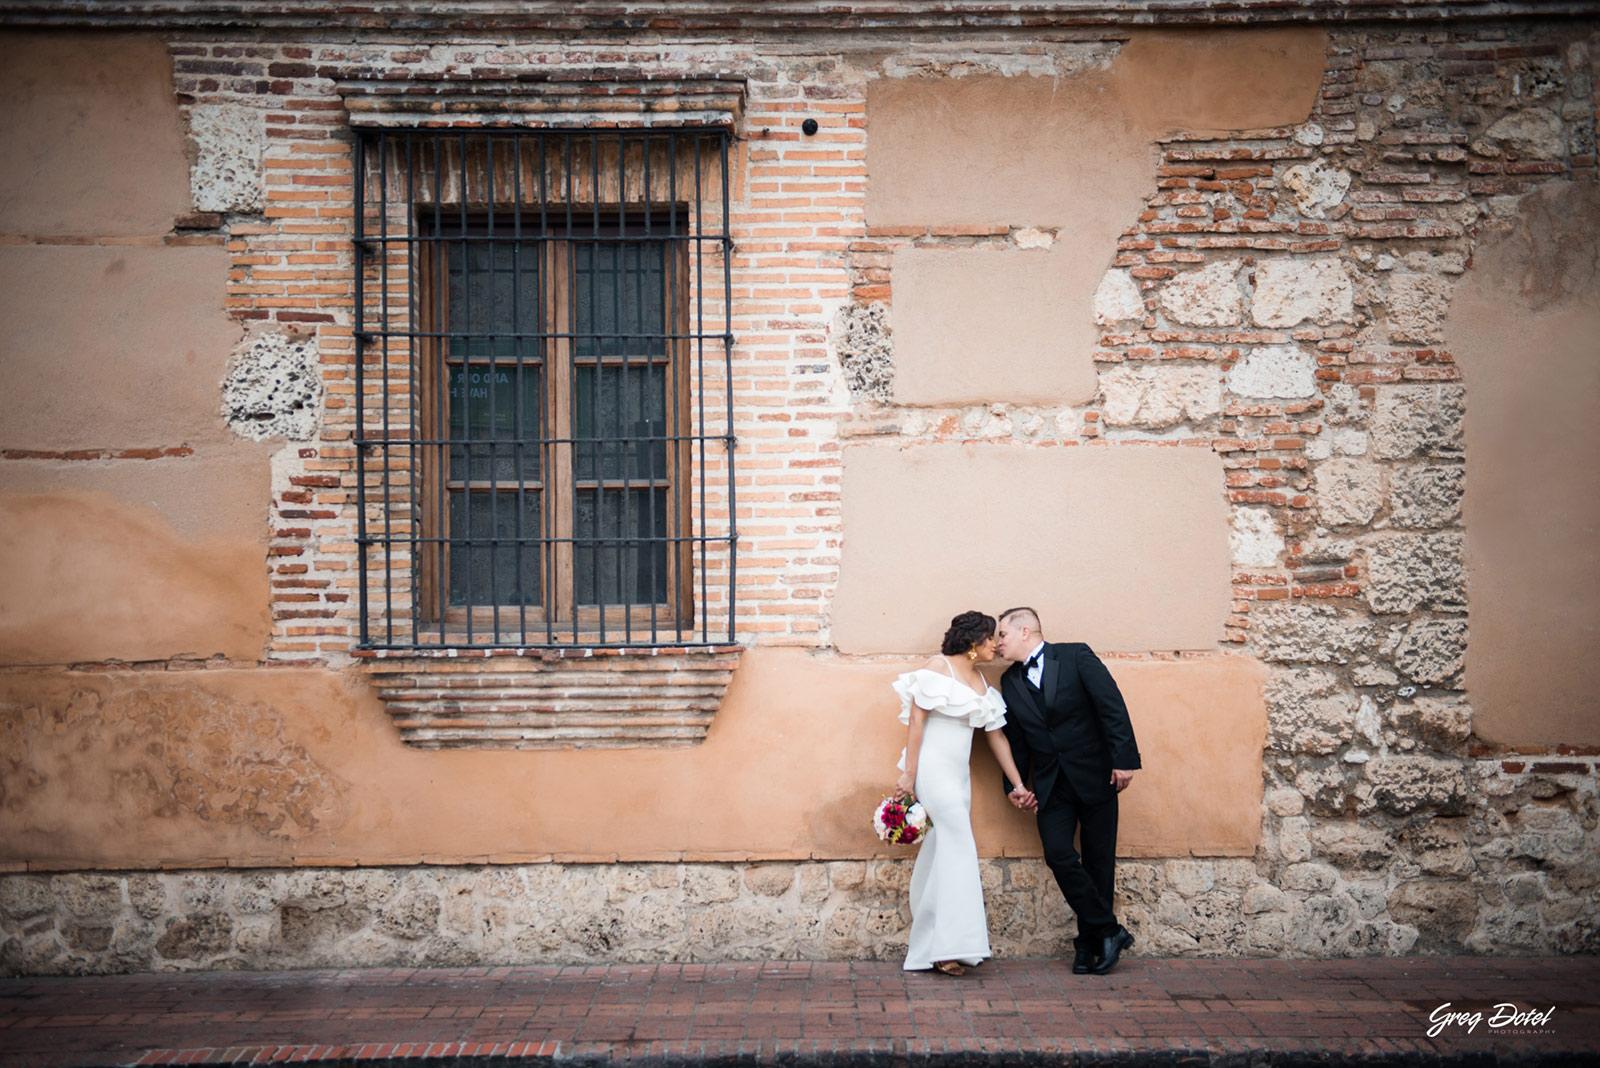 Sesion de fotos en Calle Las Damas, Zona Colonial de Santo Domingo, República Dominicana